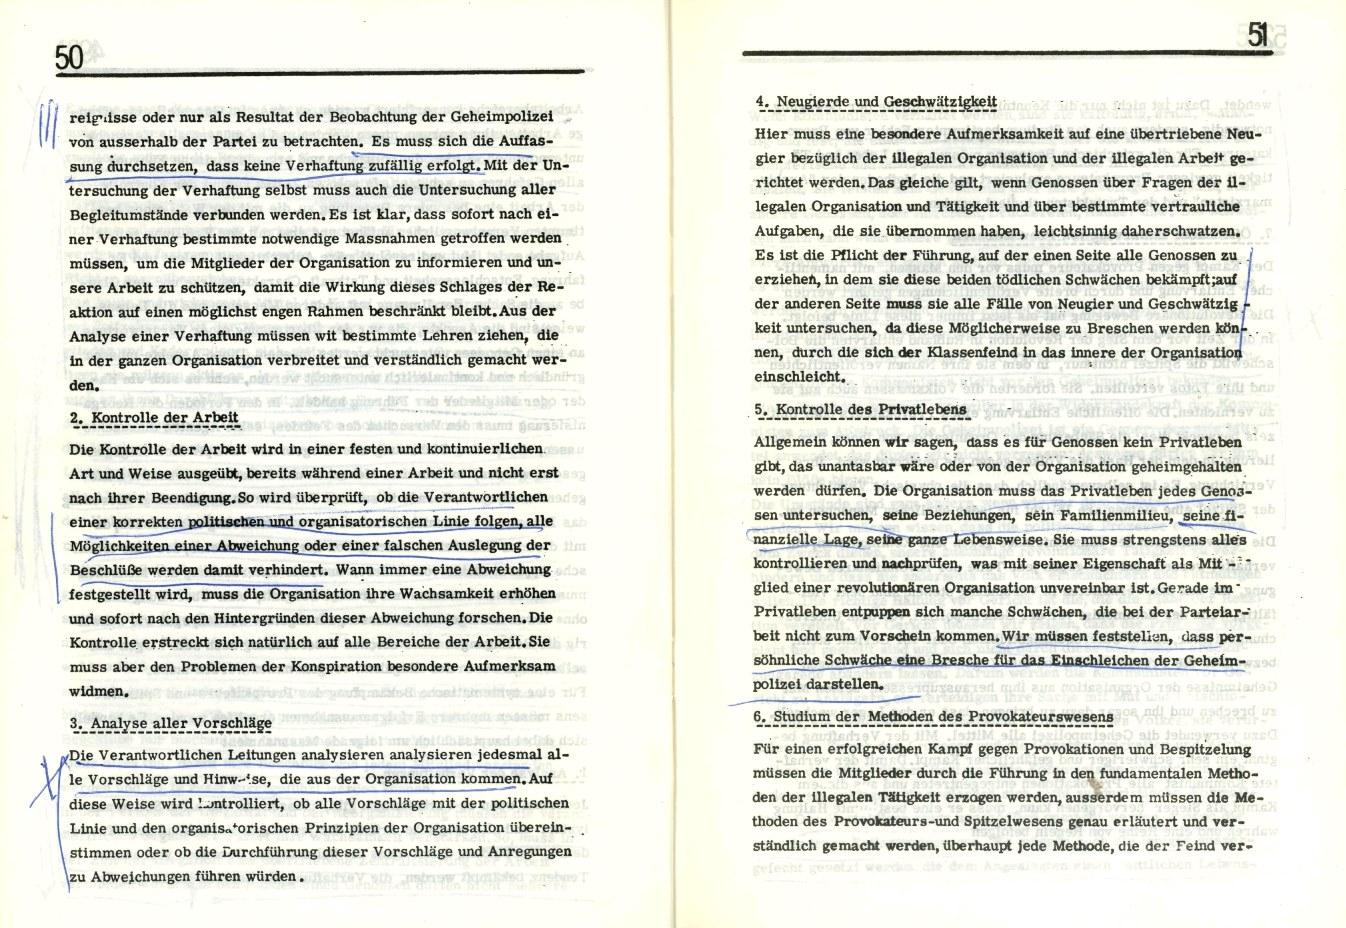 Griechenland_Griechische_ML_1971_Dokumente_01_26